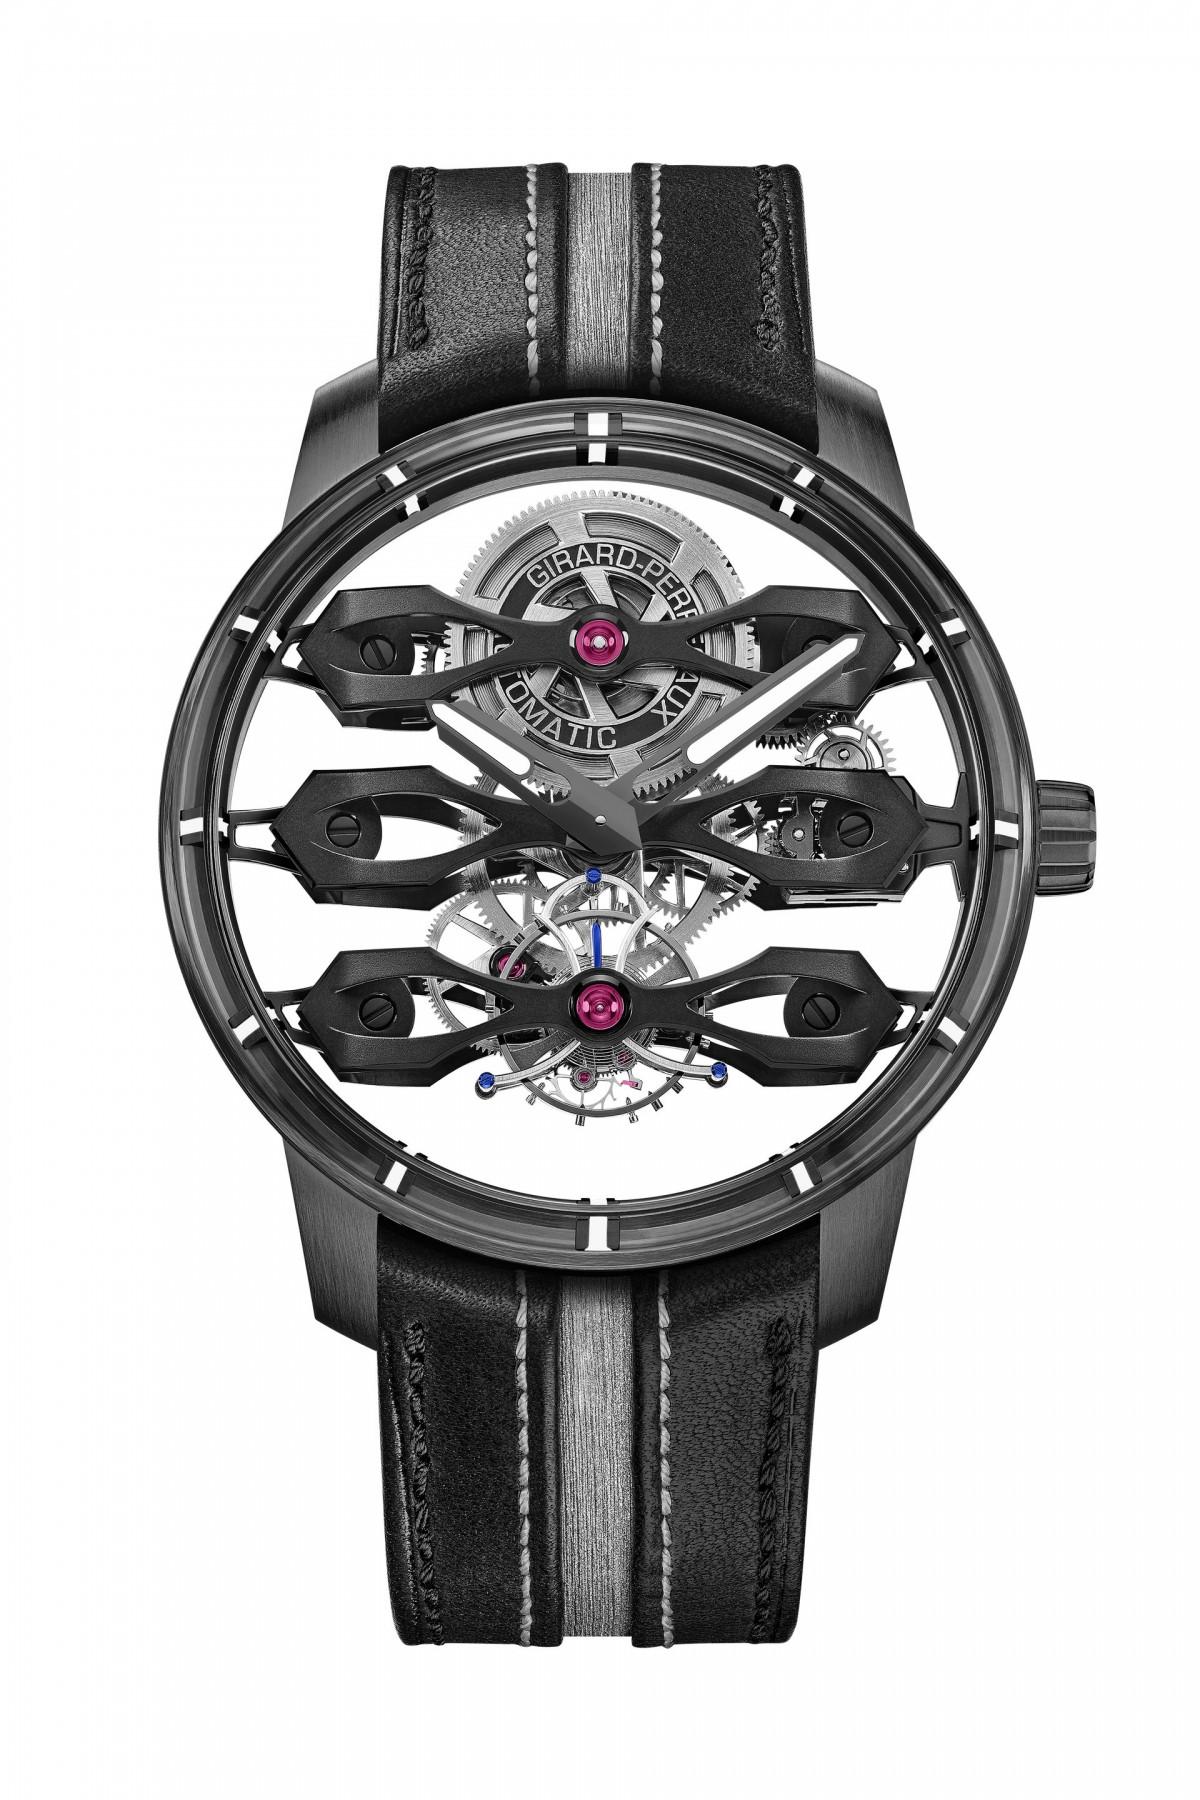 Aston Martin ra mắt mẫu đồng hồ giá hơn 3 tỷ đồng-6